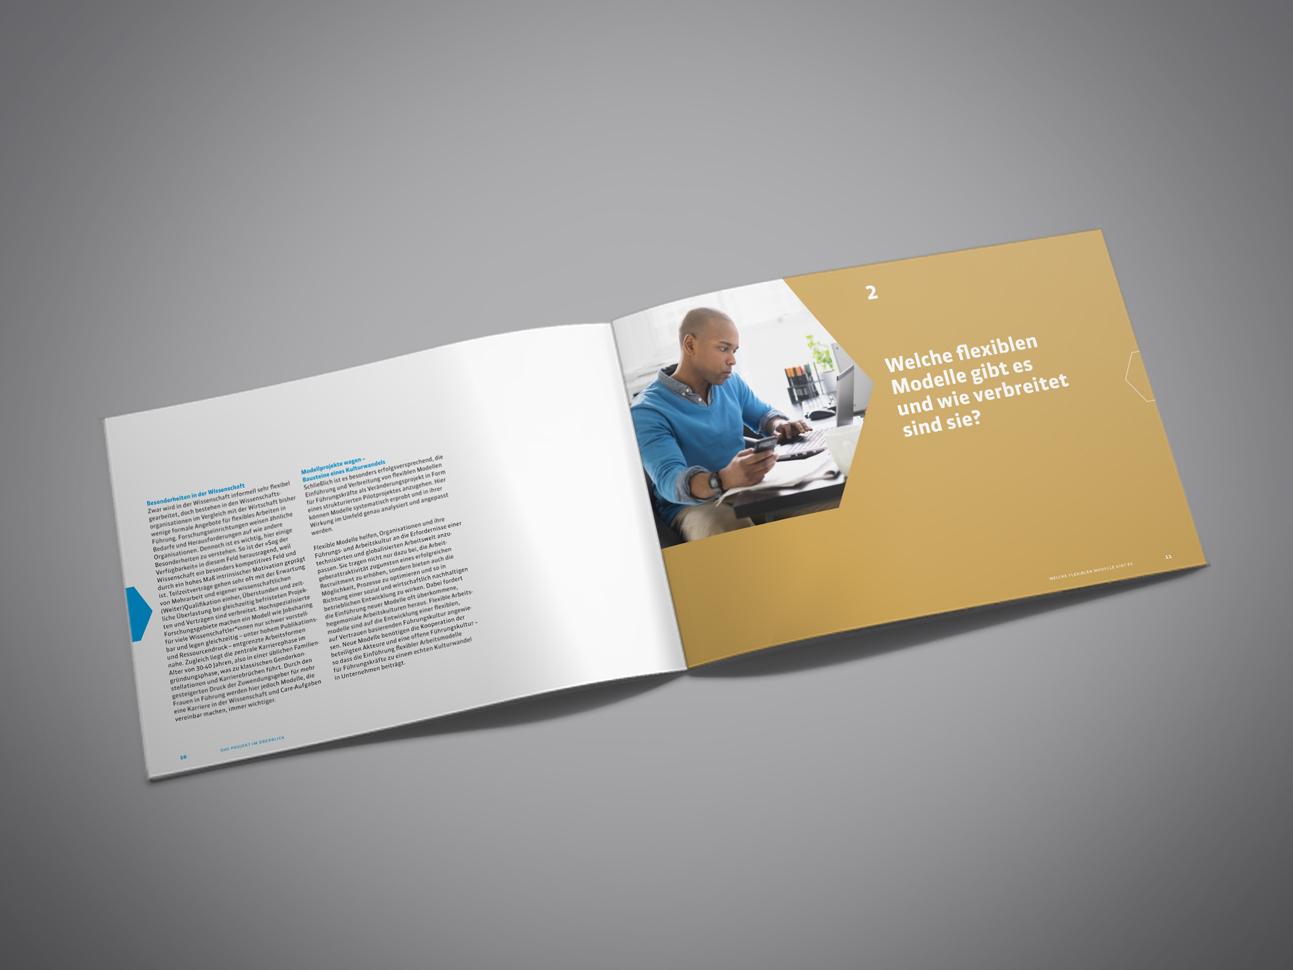 martin_zech_design_projekt_design_flexship_praxisleitfaden_kapitel2